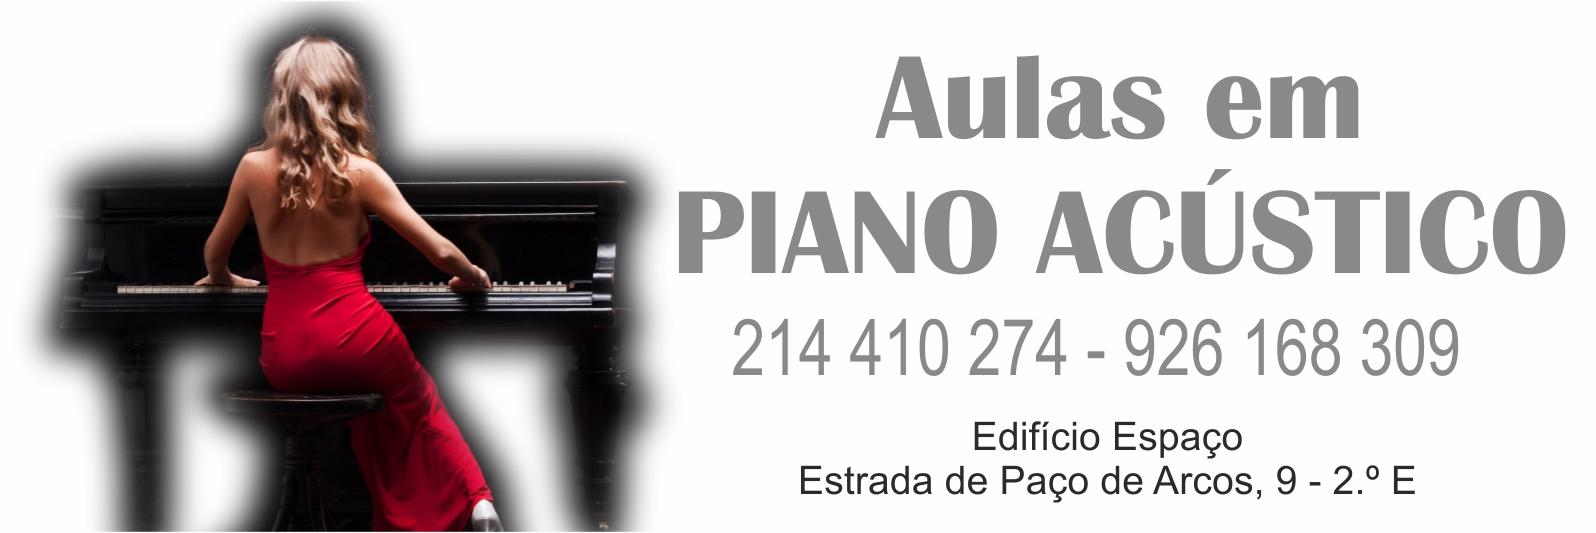 slider 05 - PIANO